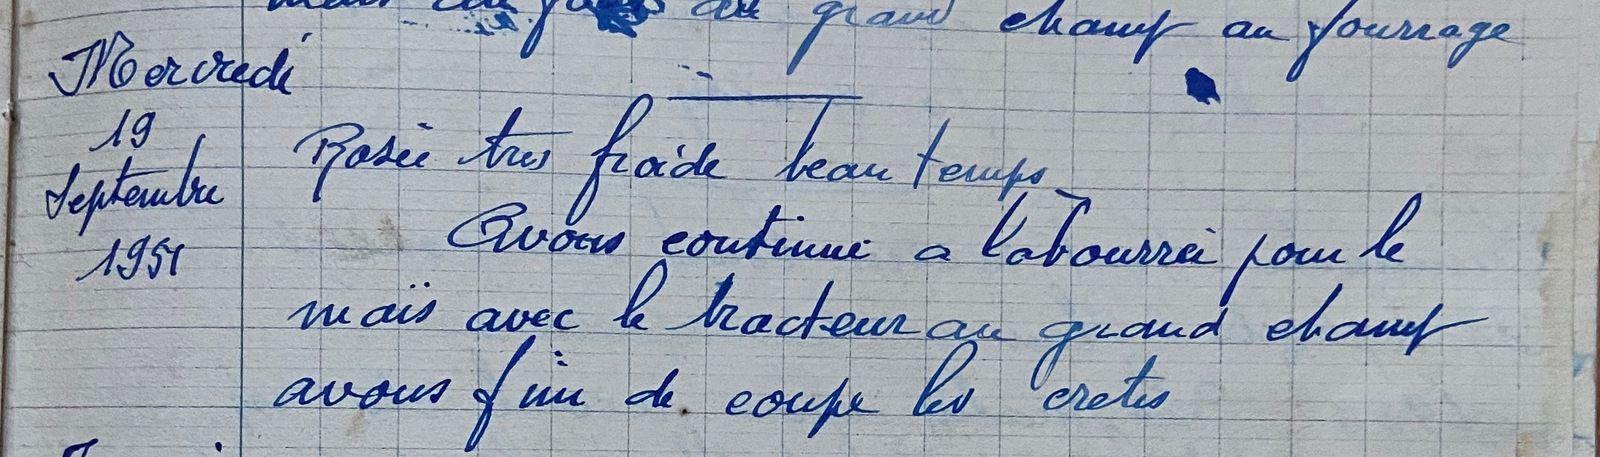 Mercredi 19 septembre 1951- les crêtes de maïs